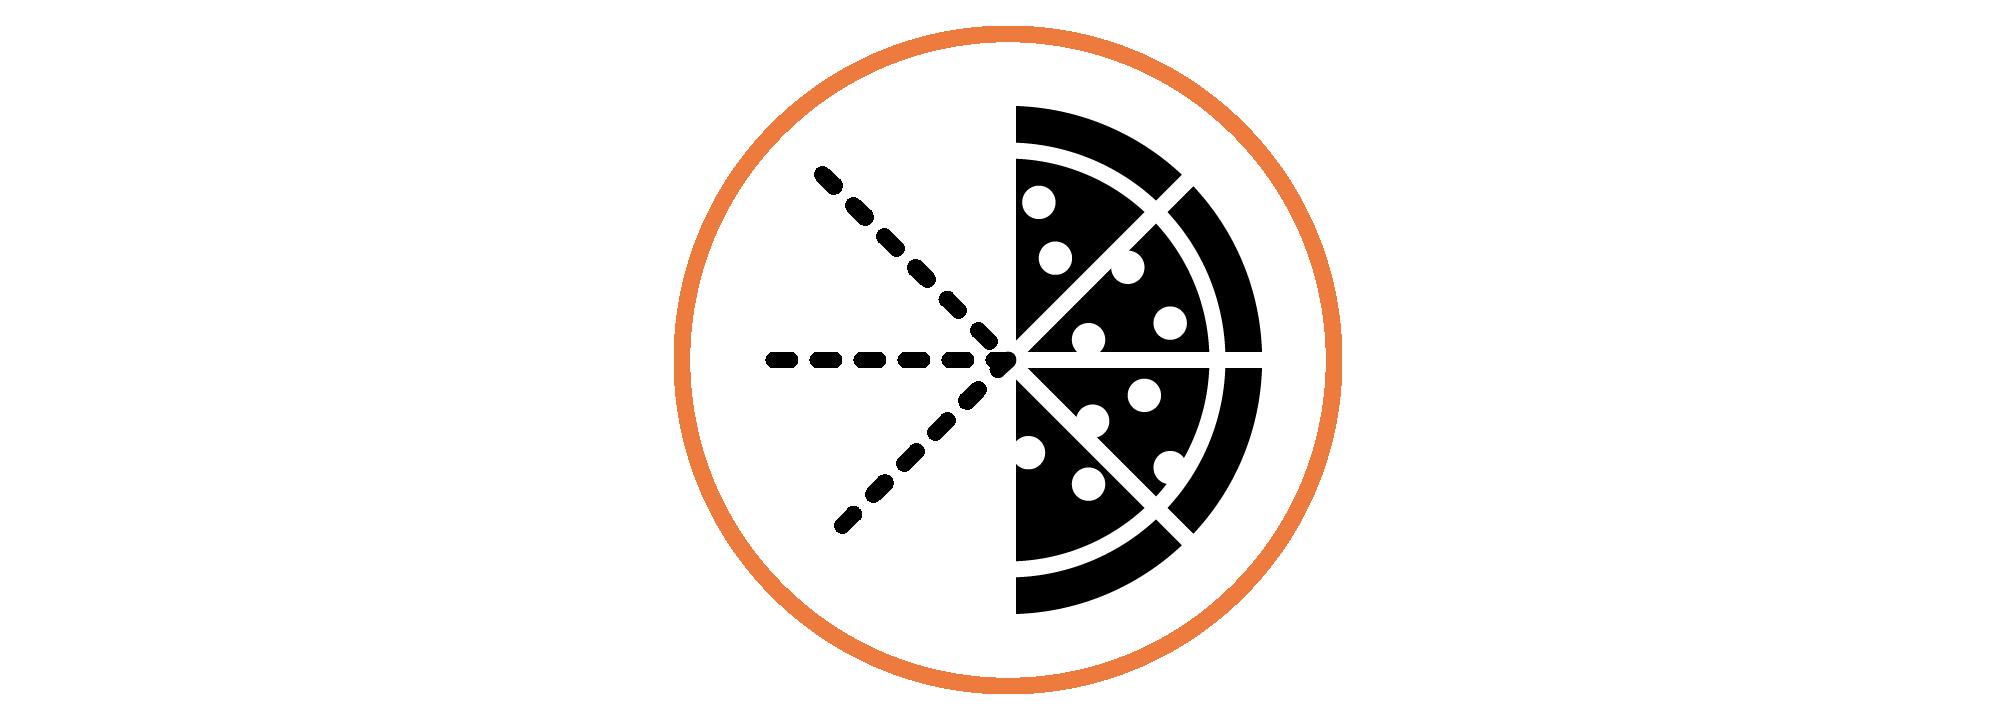 rewards-pizza-1000-points.png